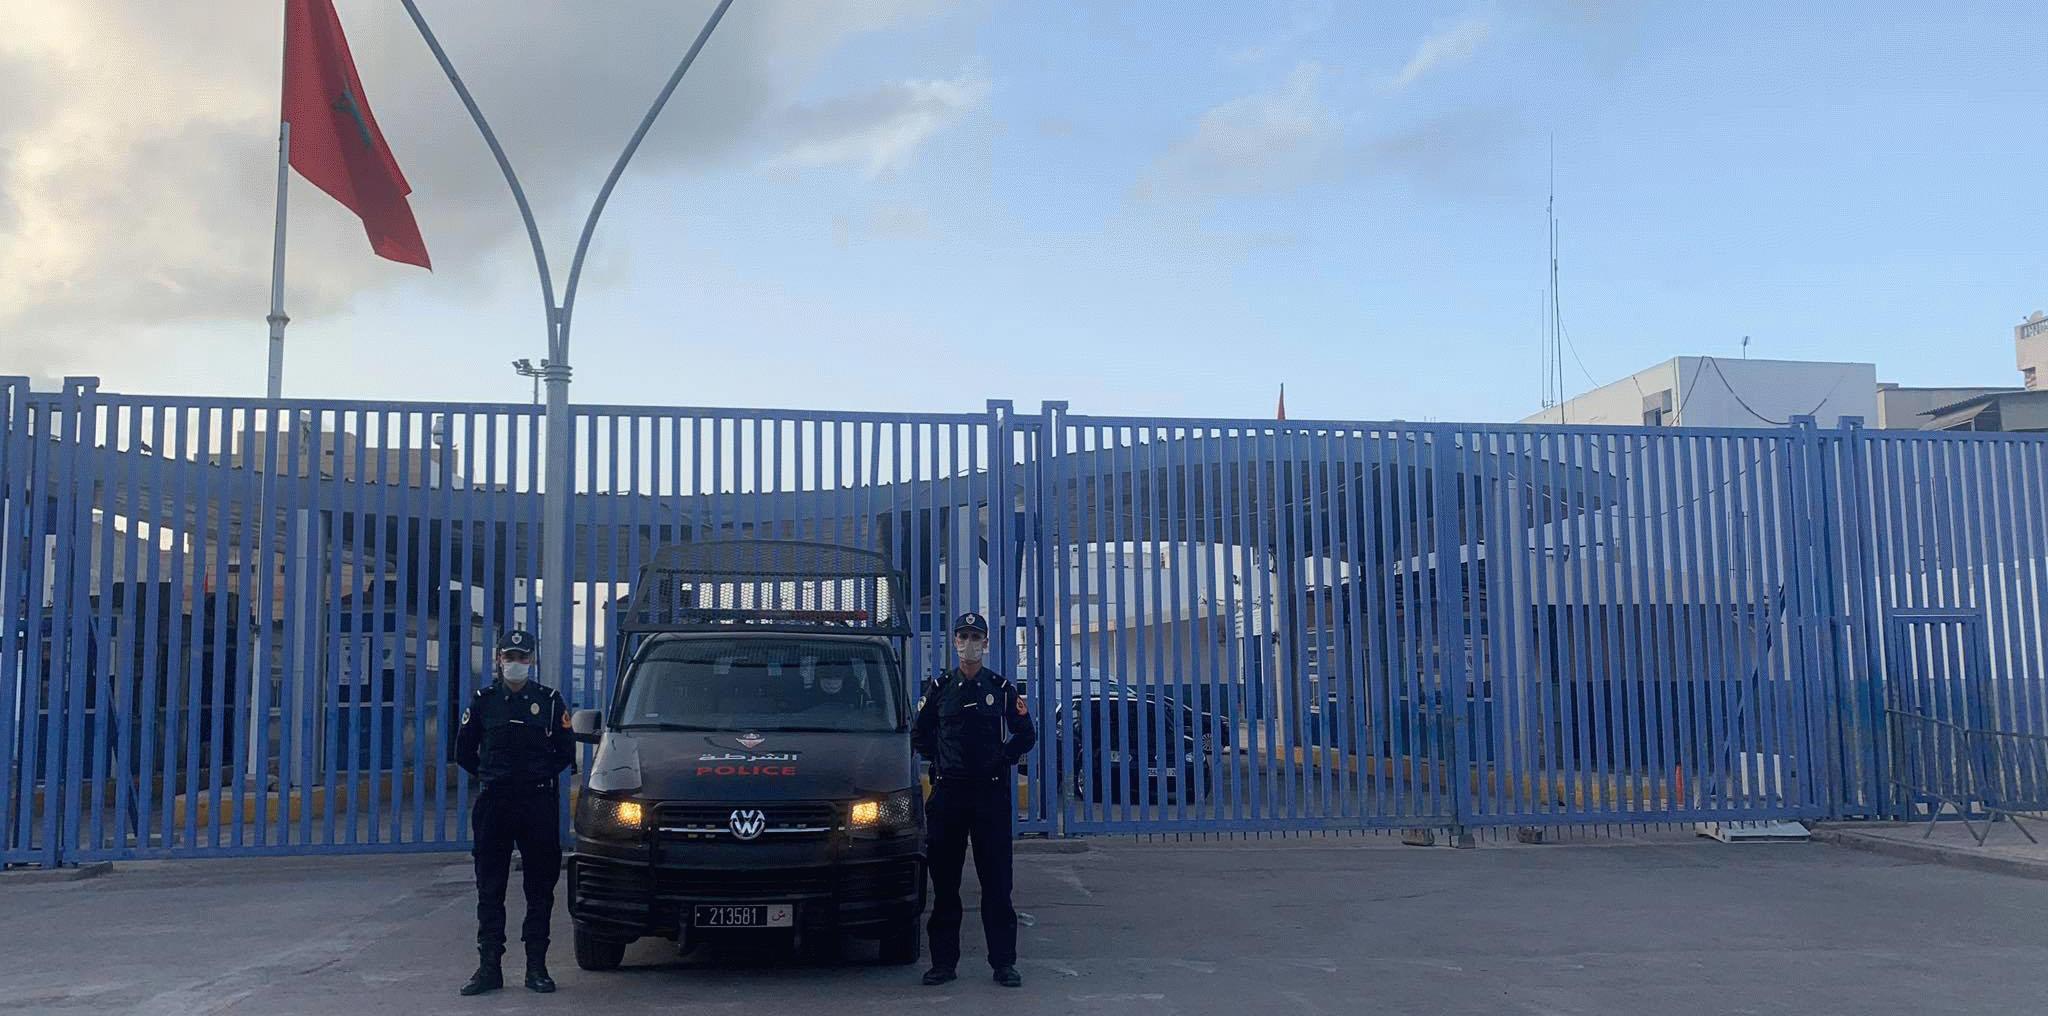 إسبانيا تعلن استمرار إغلاق معبر مليلية المحتلة خلال الشهر الأول من سنة 2021